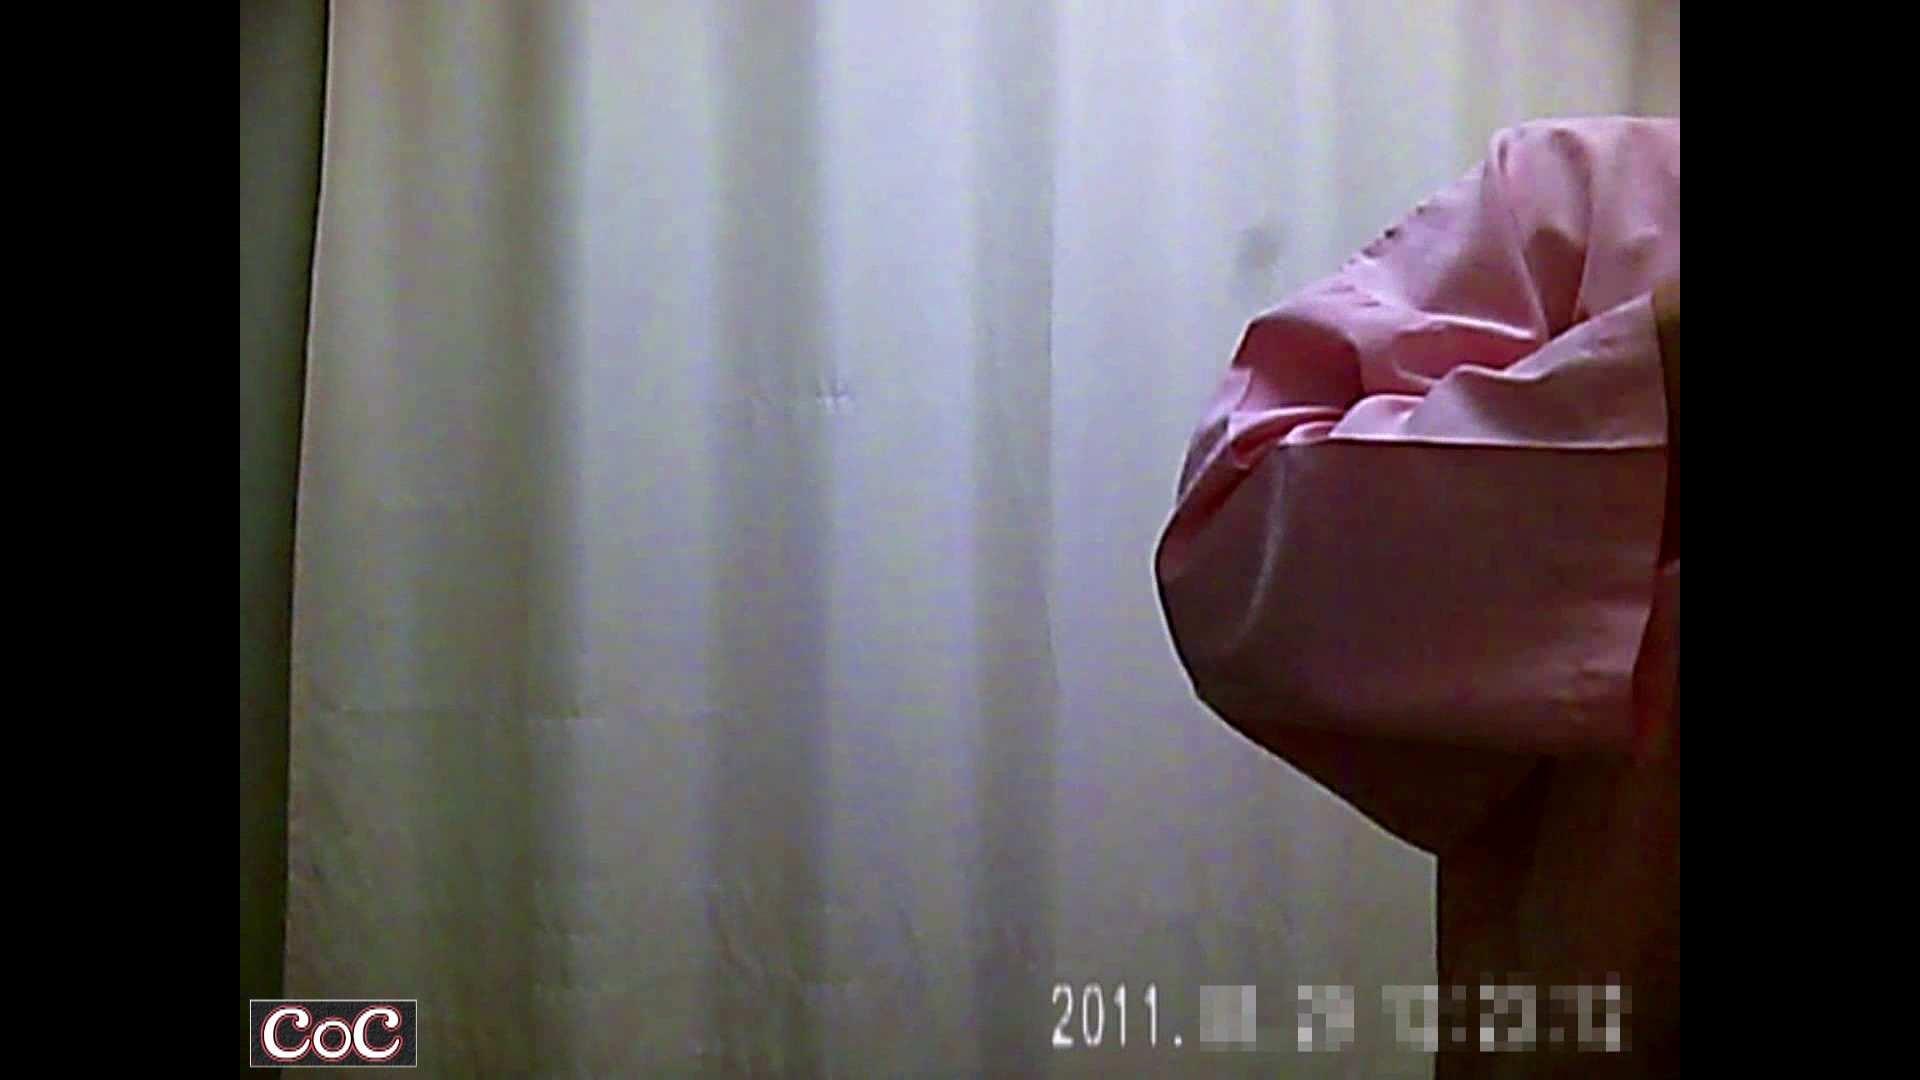 病院おもいっきり着替え! vol.19 盗撮 すけべAV動画紹介 92画像 31